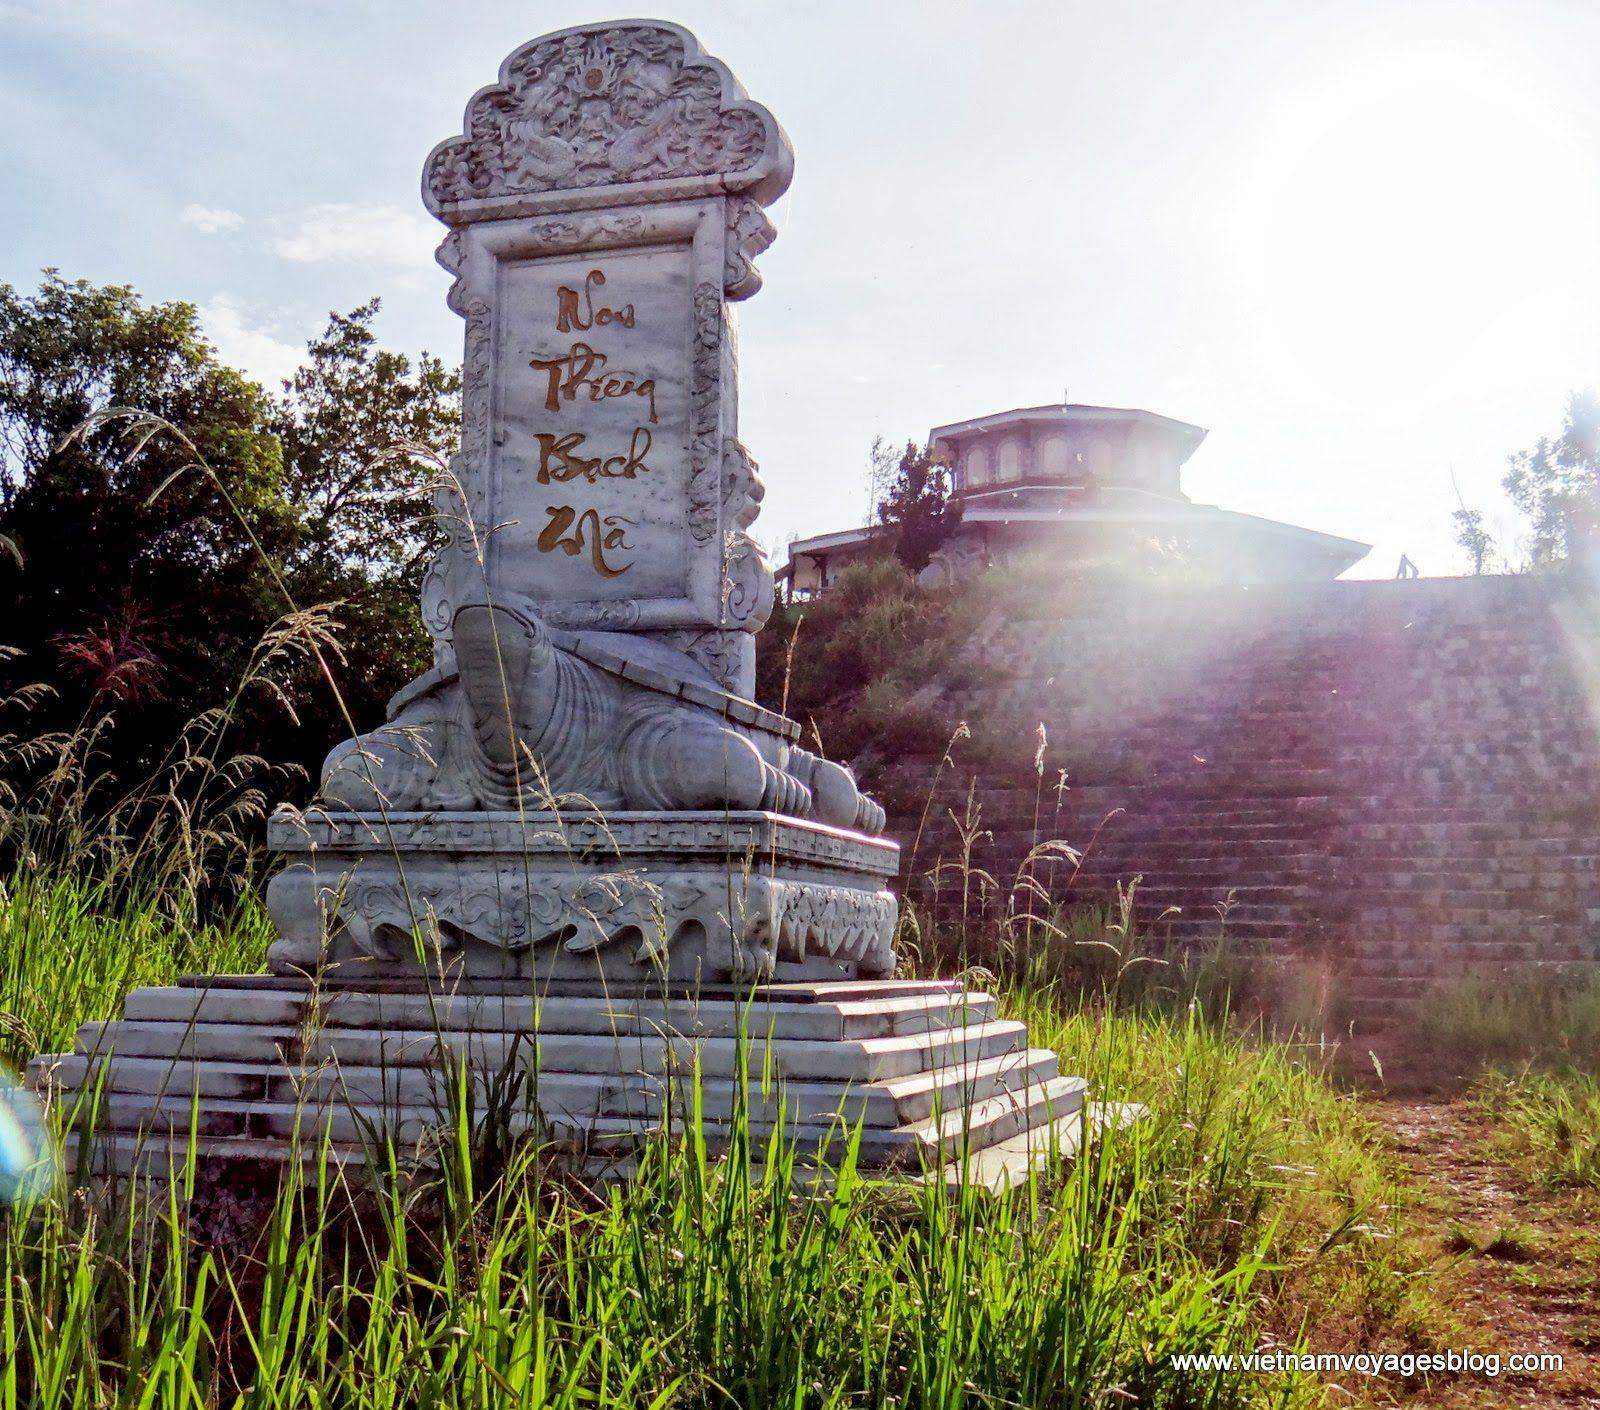 Tour Du Lịch Vườn Quốc Gia Bạch Mã Trong 1 Ngày